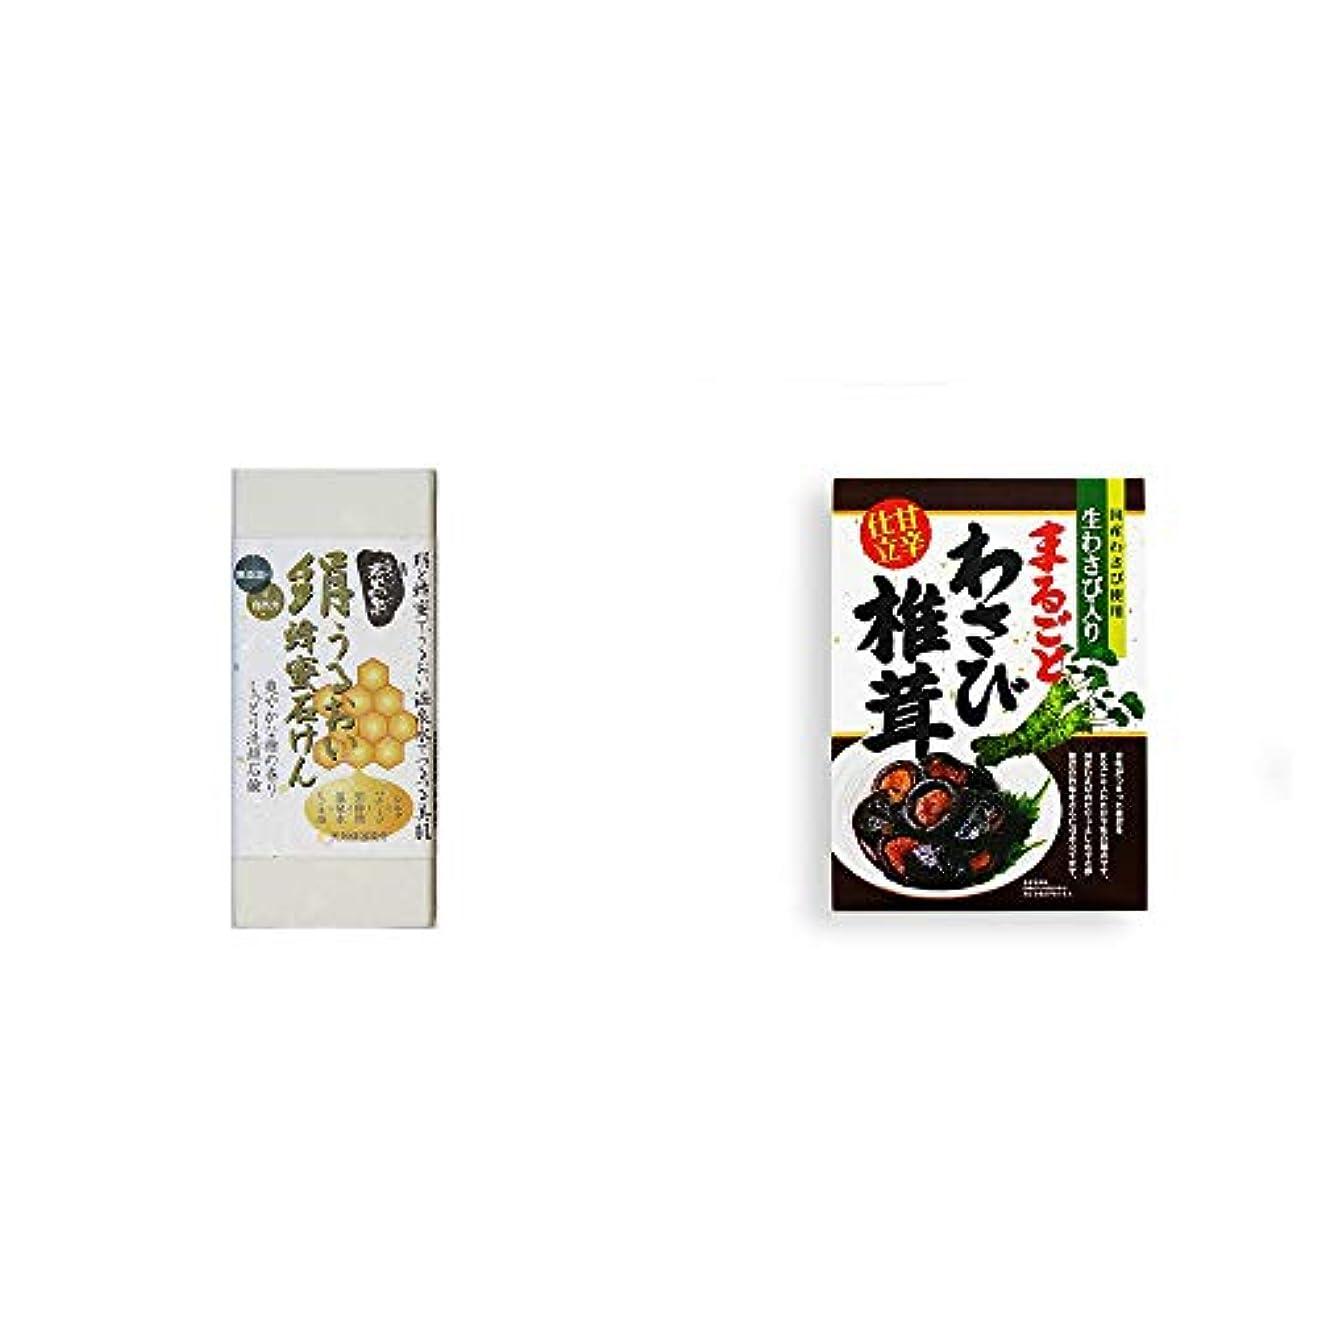 ガムポルティコ干ばつ[2点セット] ひのき炭黒泉 絹うるおい蜂蜜石けん(75g×2)?まるごとわさび椎茸(200g)